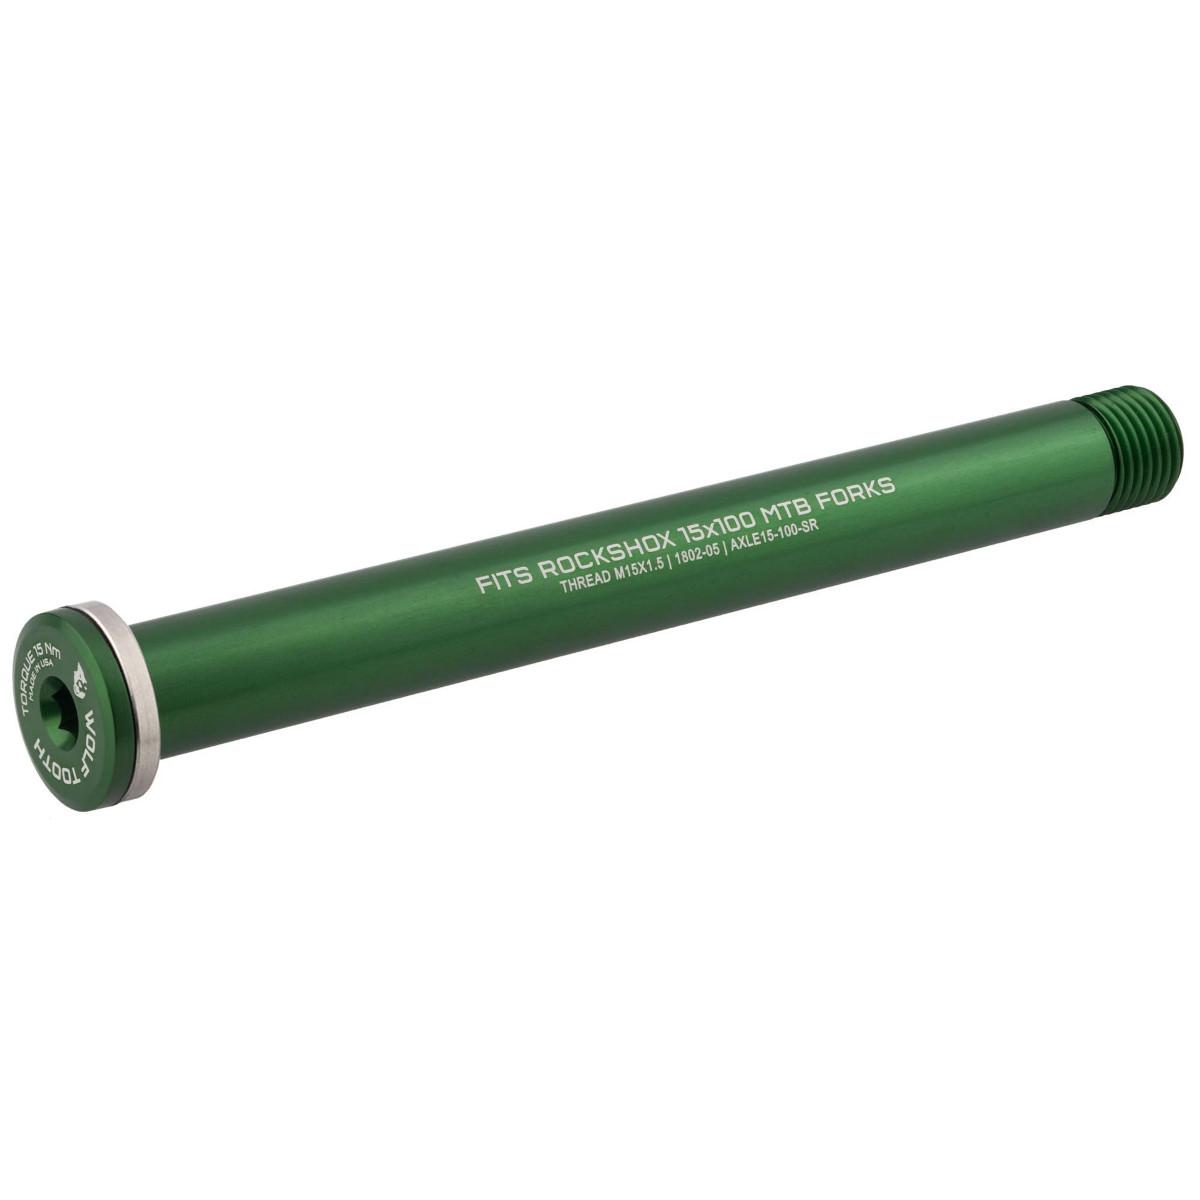 Wolf Tooth Steckachse für RockShox Gabeln - 15x100mm - grün